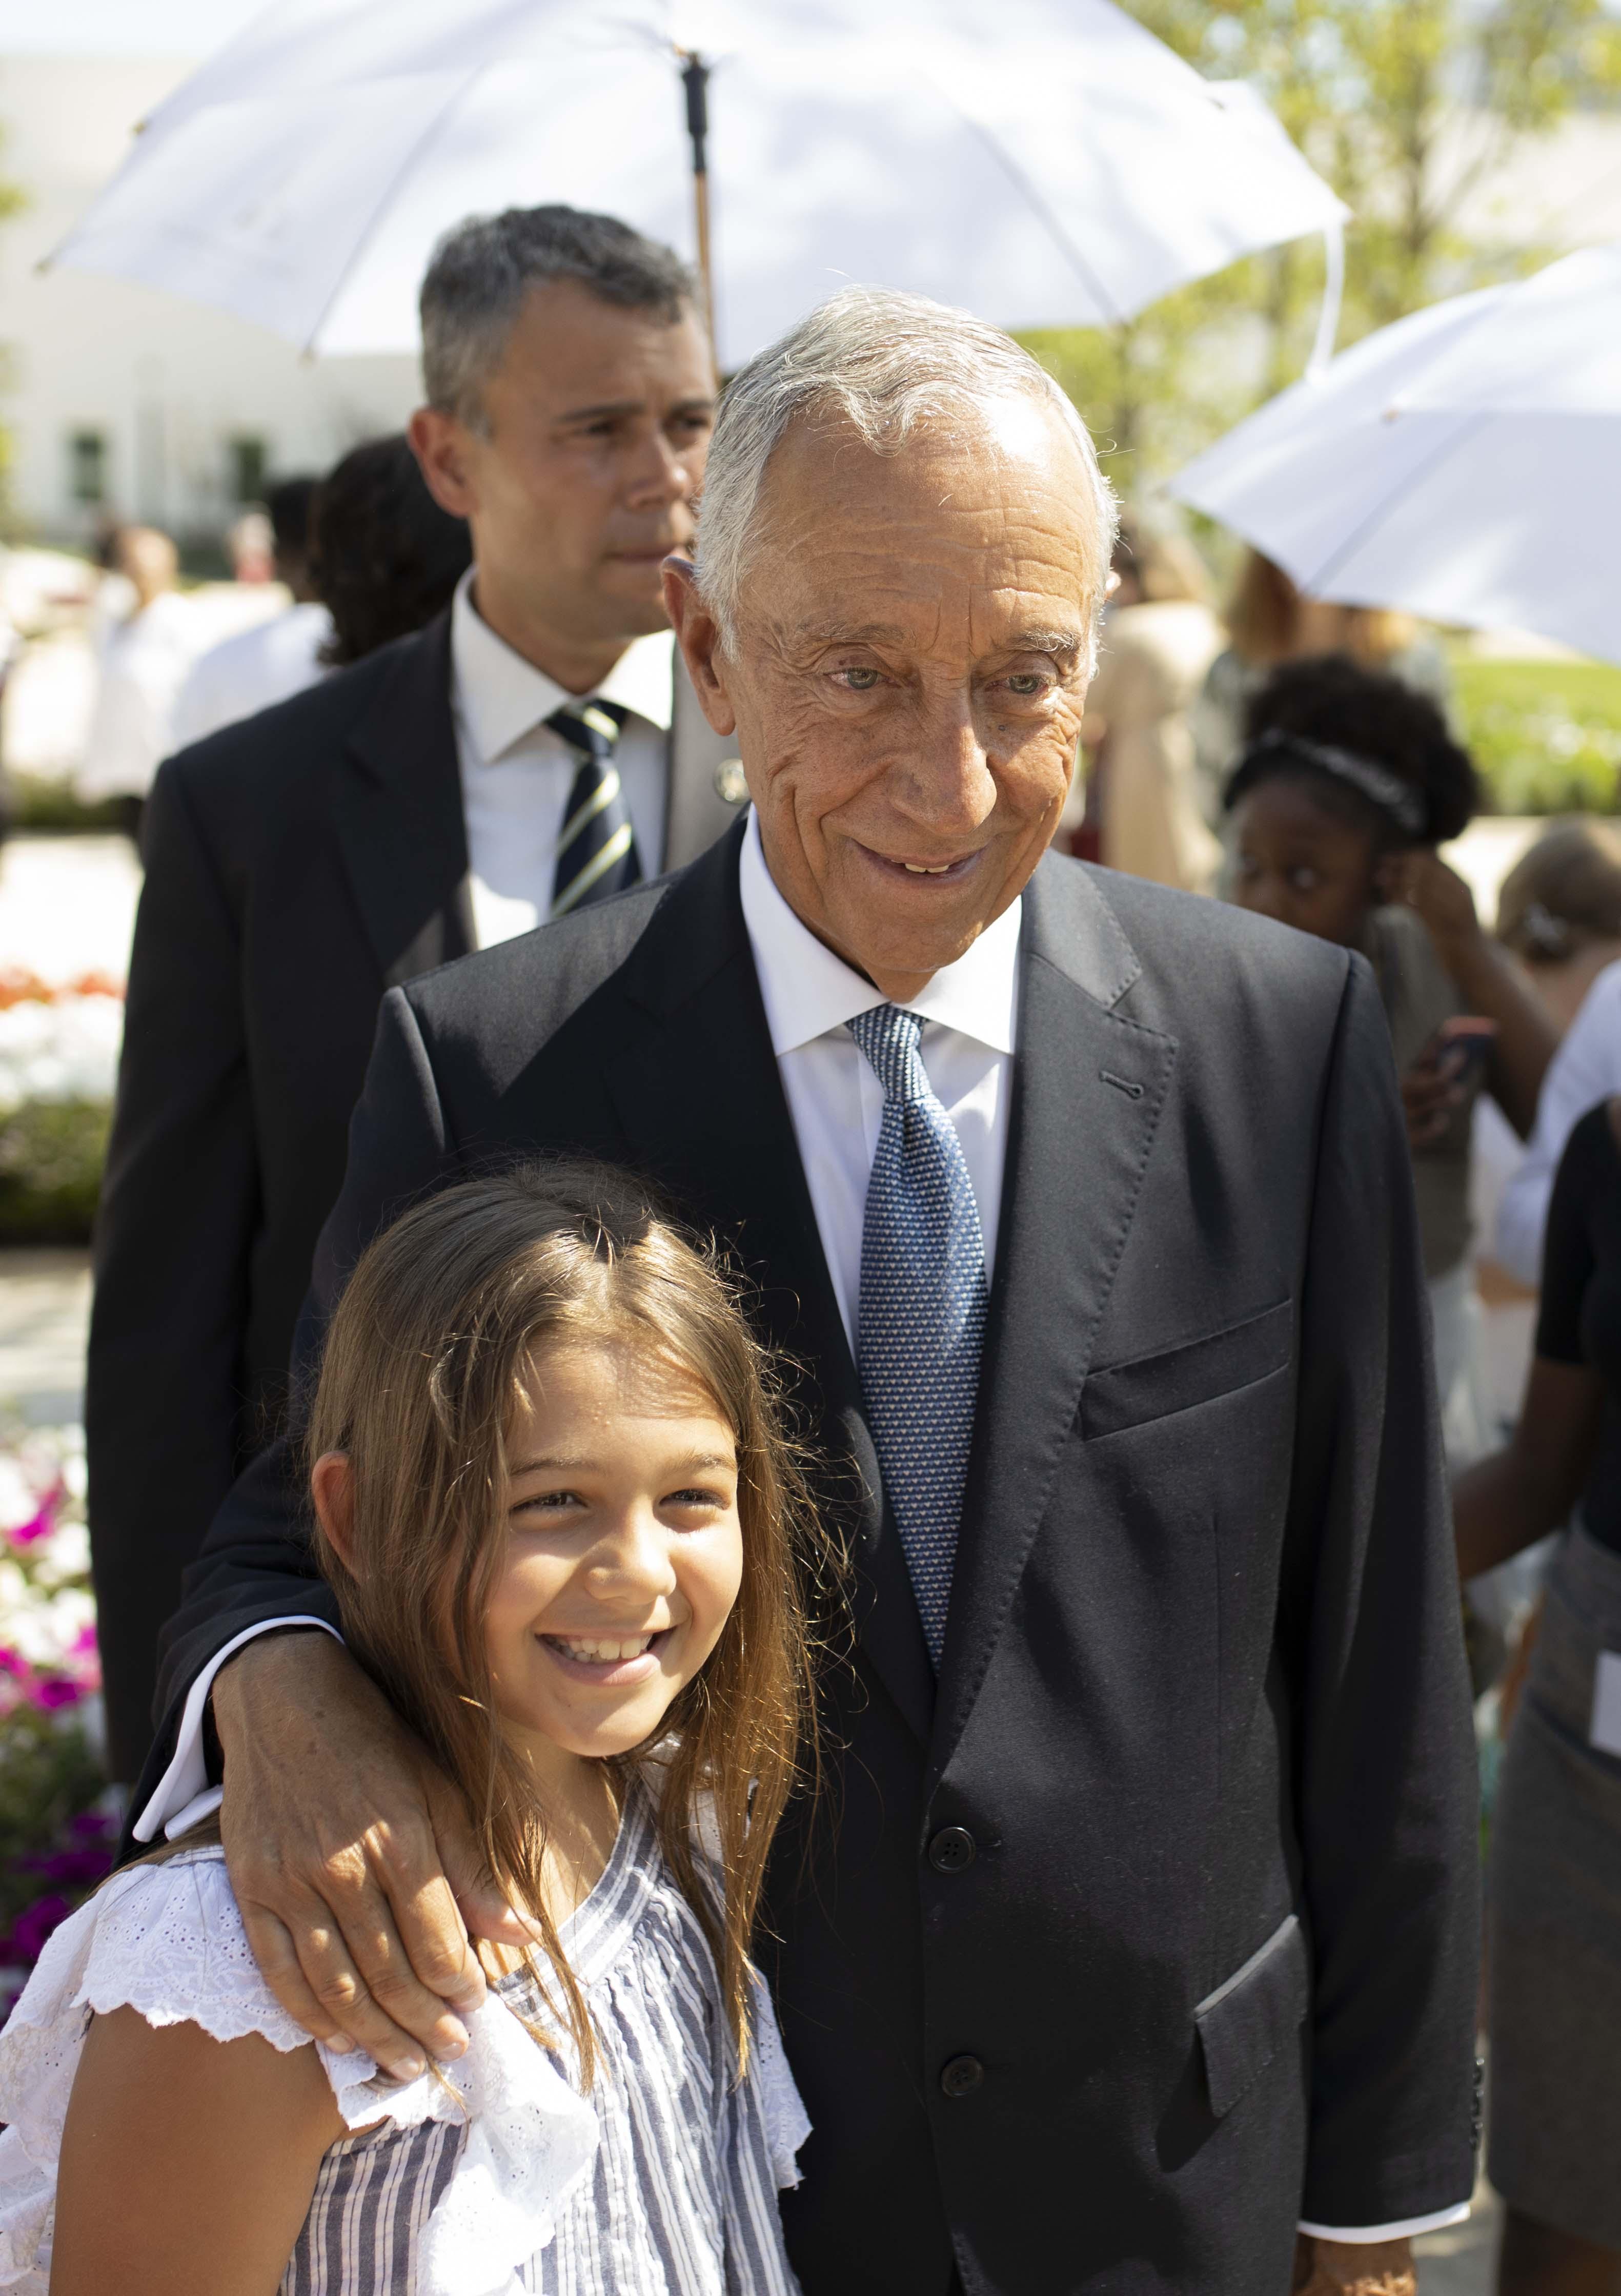 El presidente de Portugal, Marcelo Rebelo de Sousa, se toma una foto con una niña en los terrenos del Templo de Lisboa Portugal, el 29 de agosto, 2019.